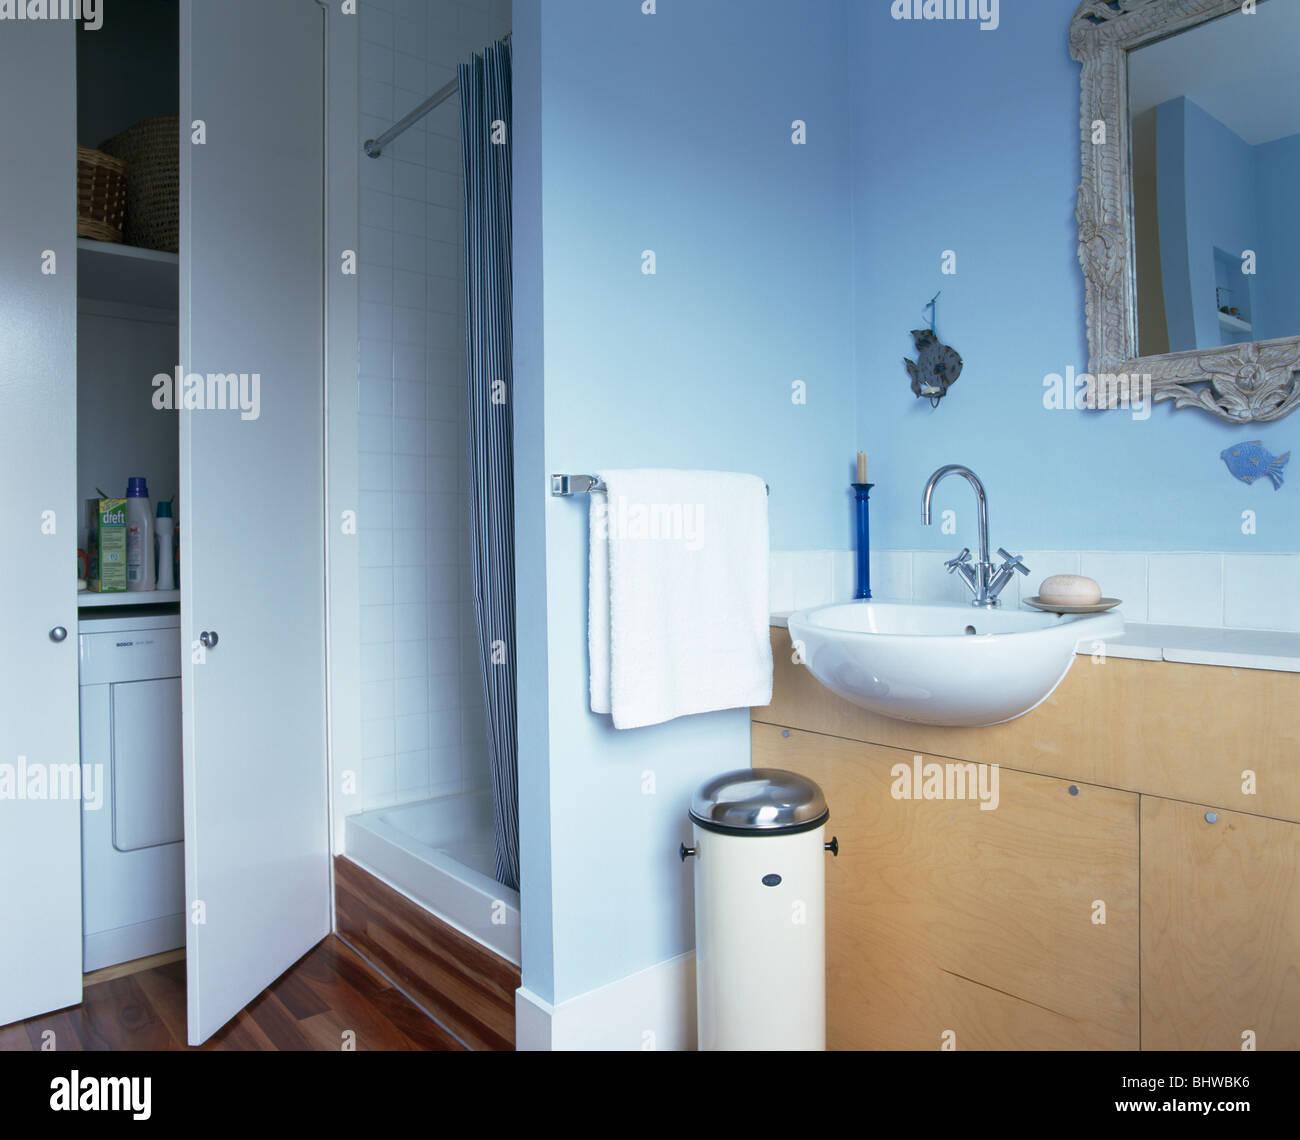 Dusche Schrank Neben Hohen Schrank In Blau Badezimmer Mit Chrom Und